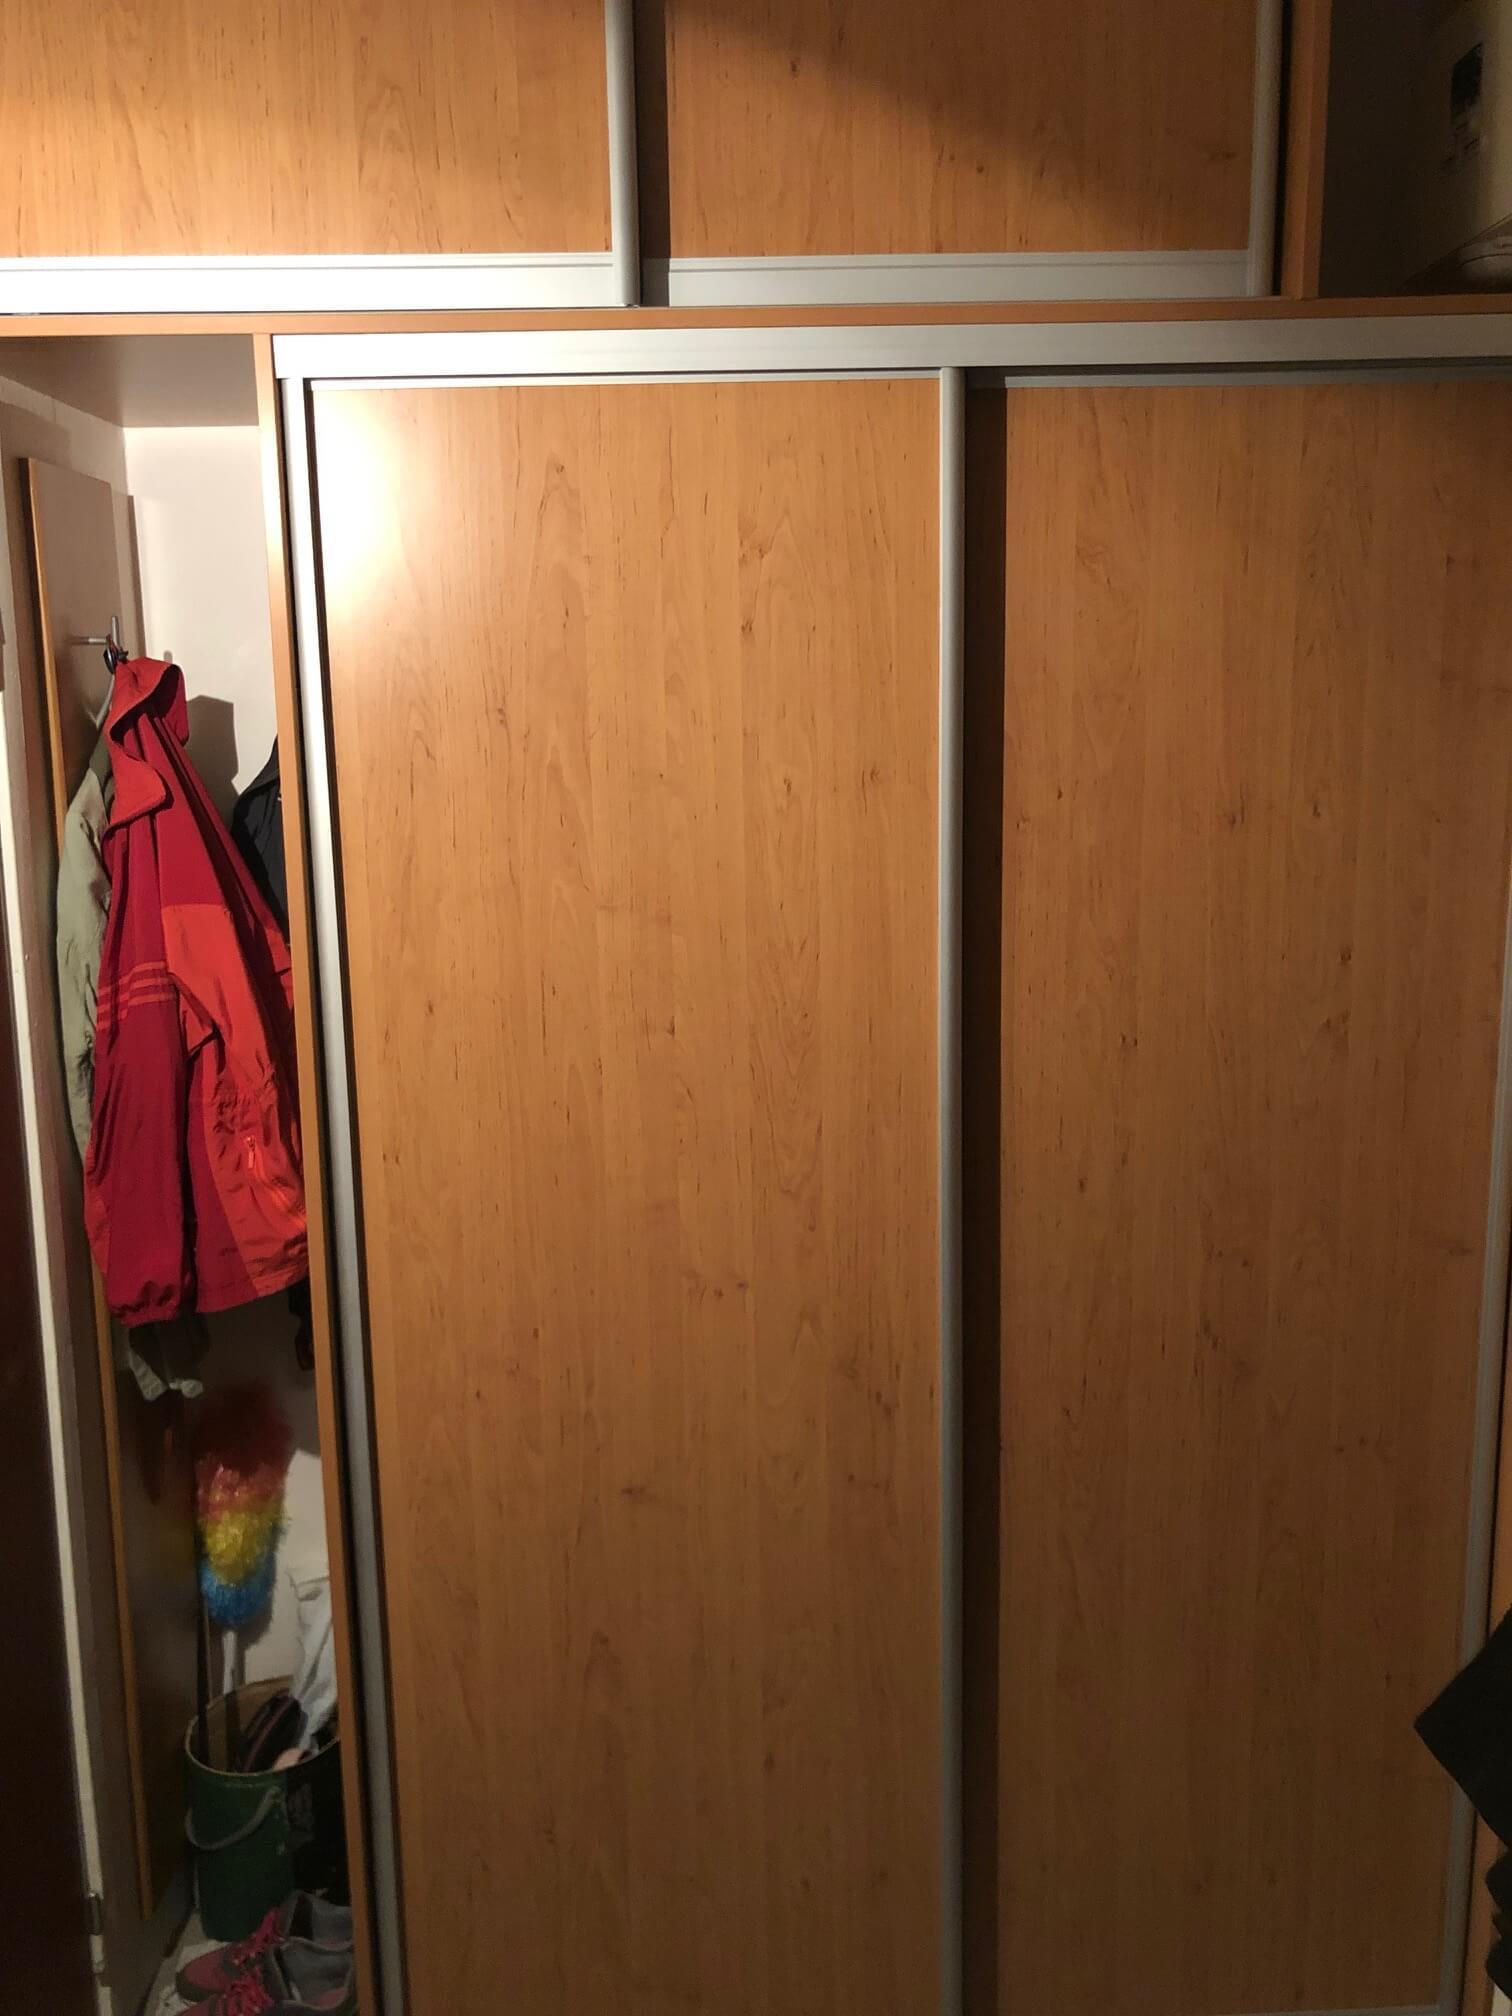 Predaný: 1 izbový byt, Ipeľská, Bratislava, 38m2, nízke náklady, parkovanie, vynikajúca občianska vybavenosť-13